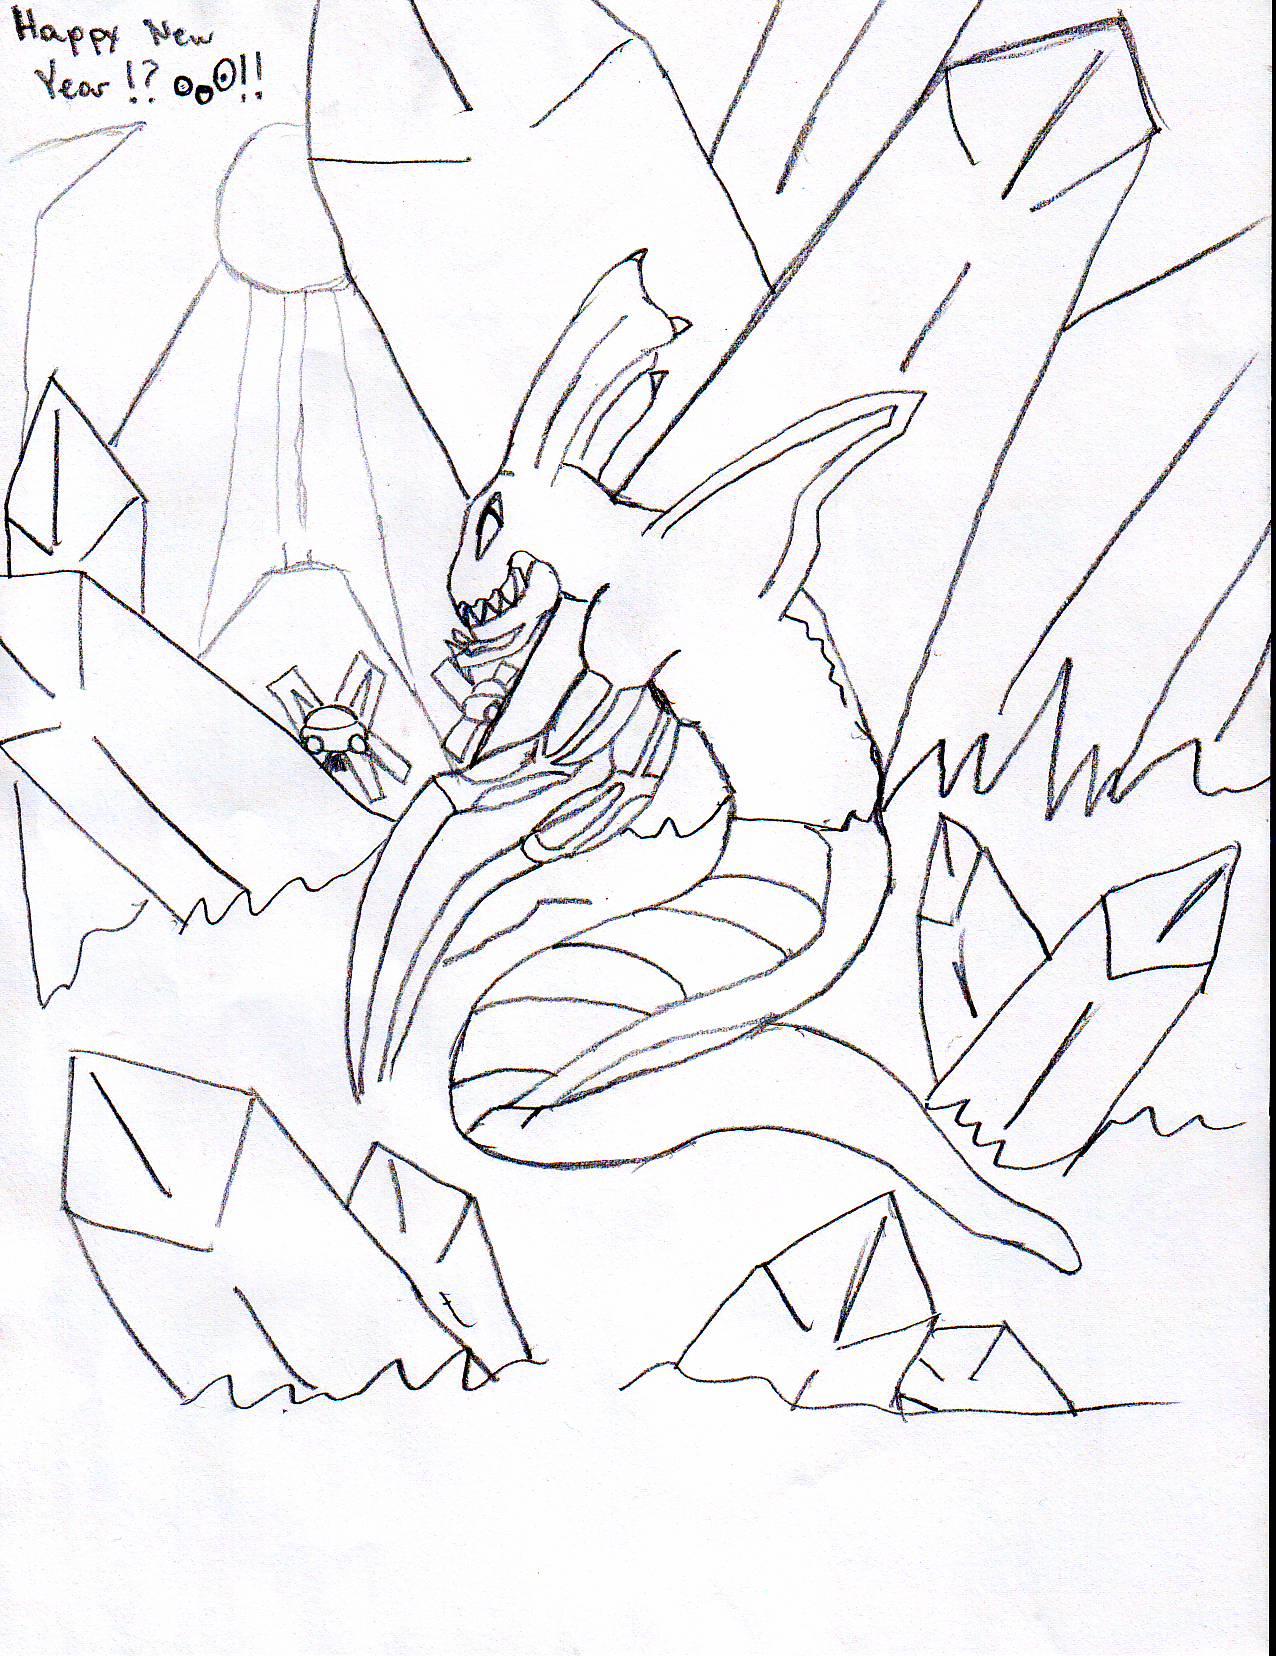 Hydralisk by Templar109